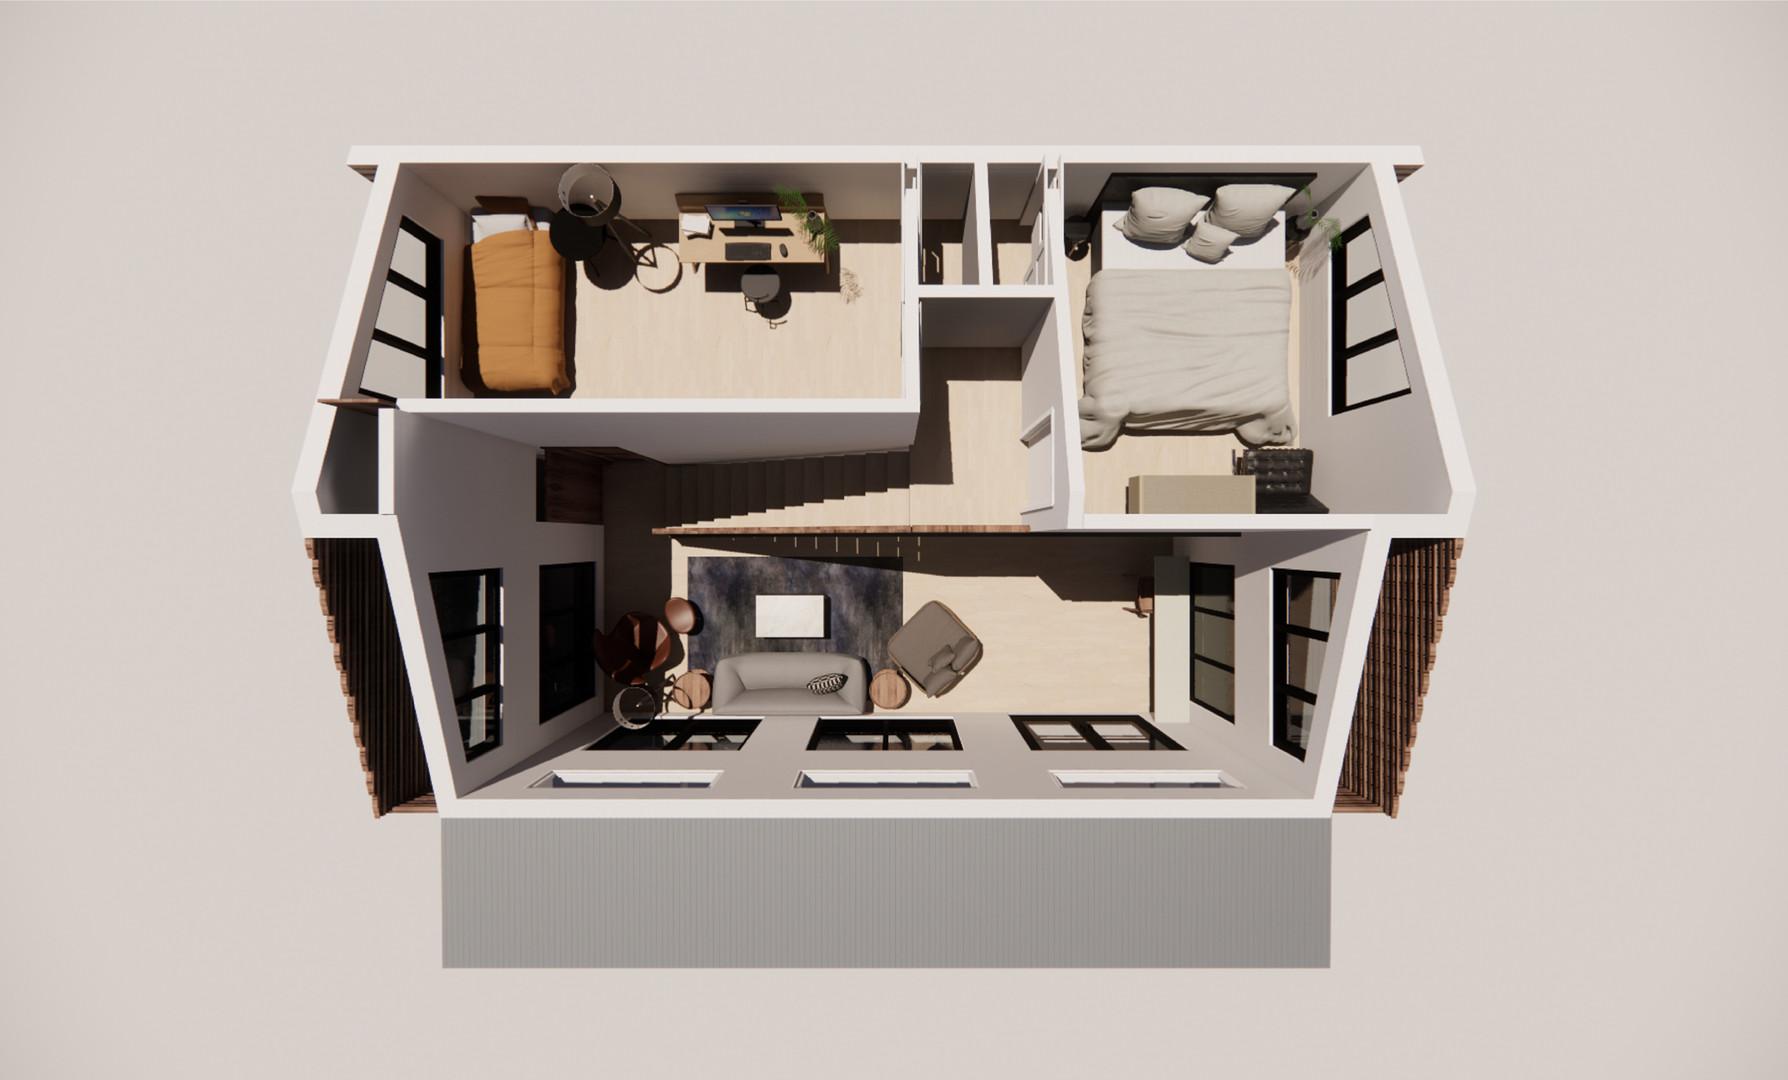 FLOOR PLAN - LOFT (2-BEDROOM OPTION)